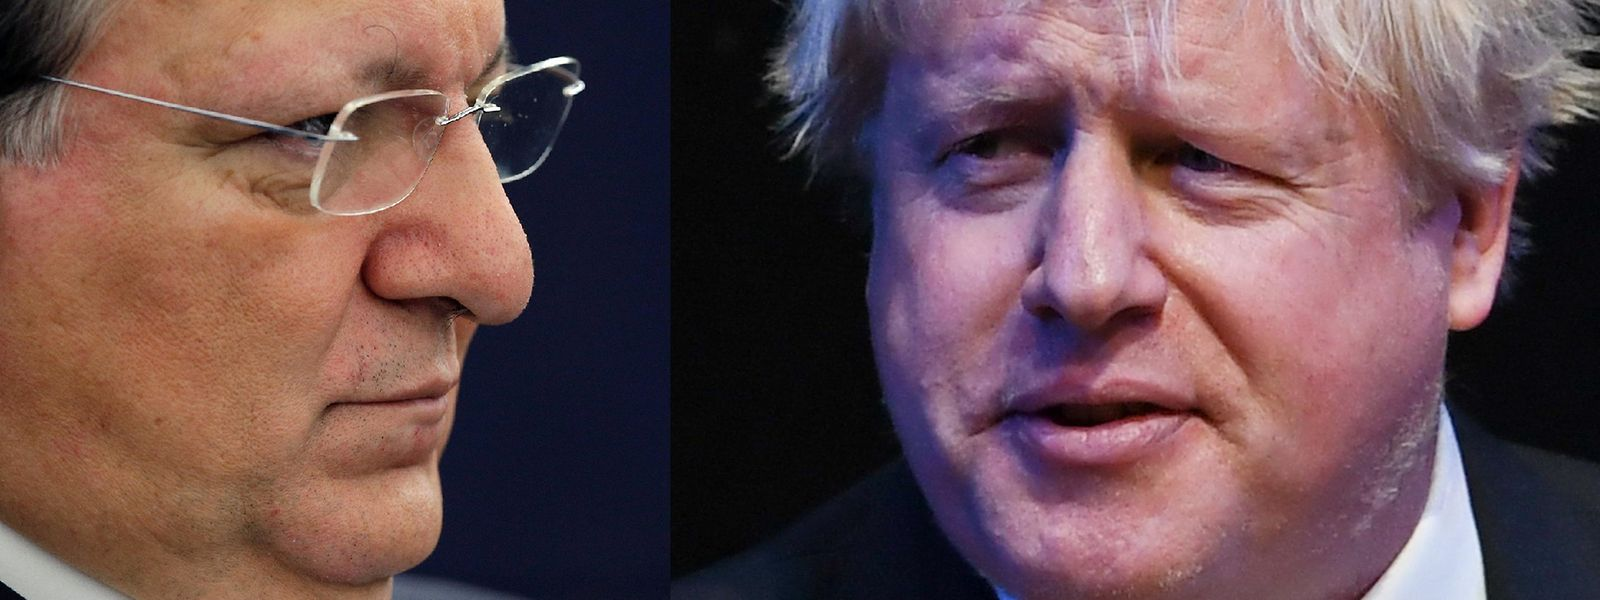 Durão Barroso e Boris Johnson.